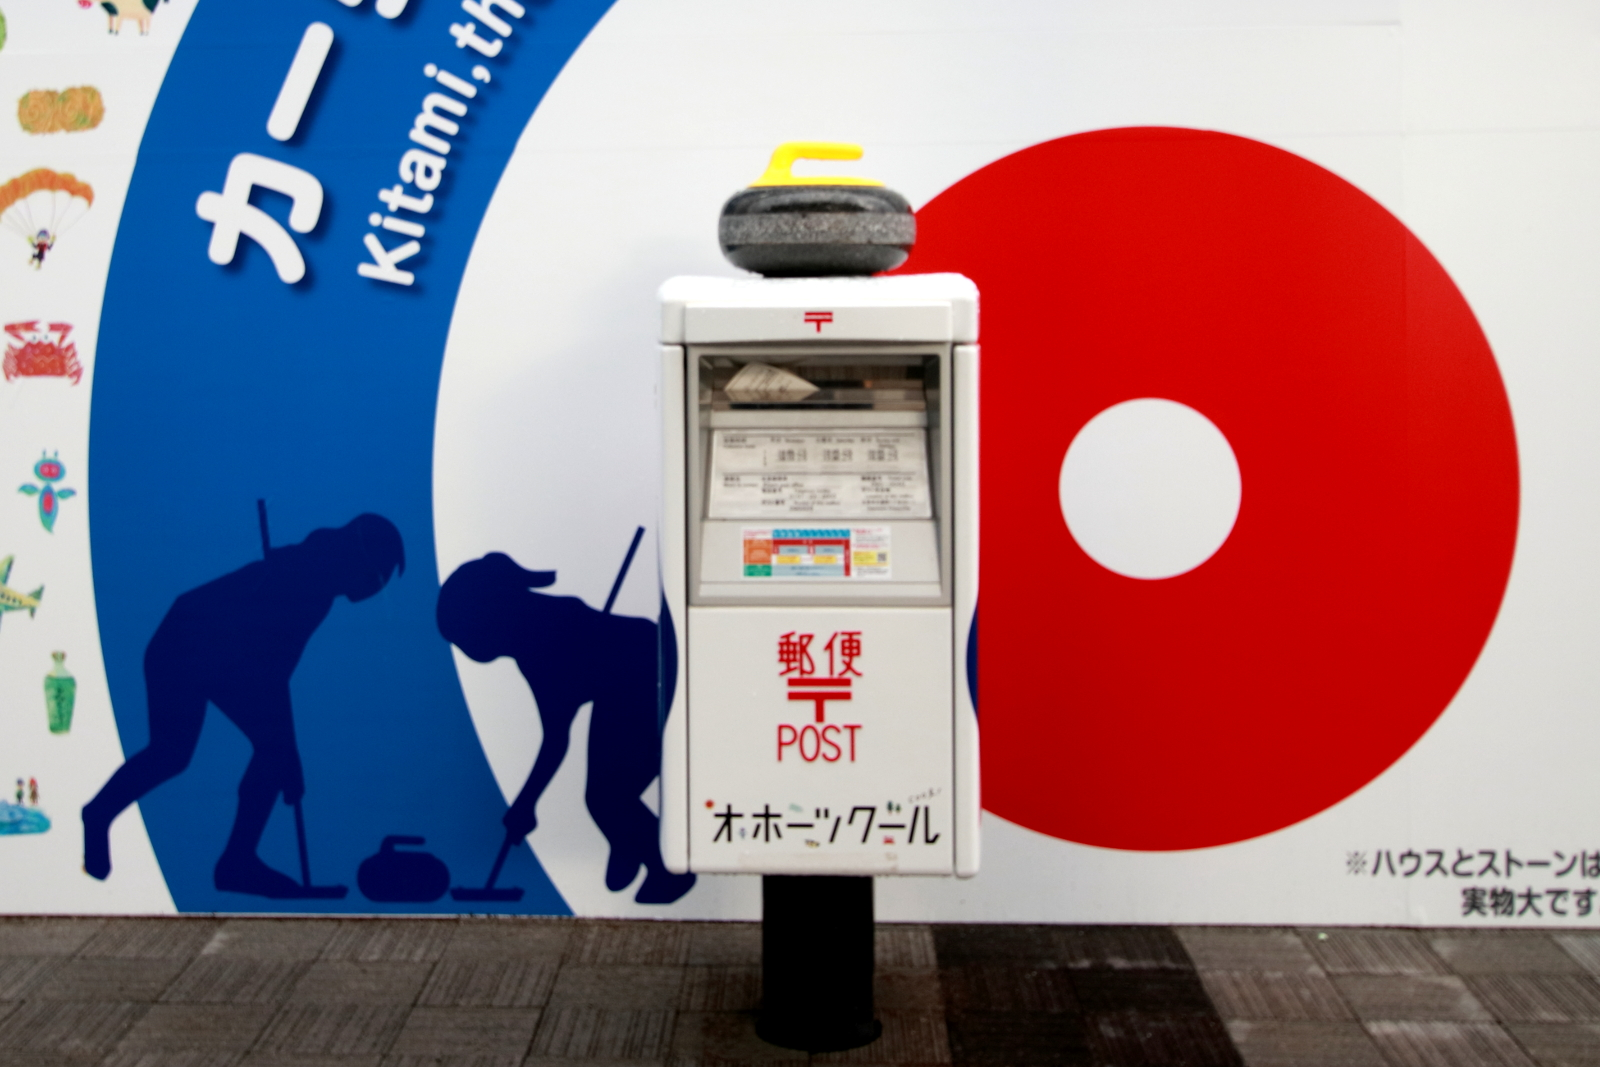 カーリングストーンが載った郵便ポスト「ロコ・ポス」は日本一重いらしい